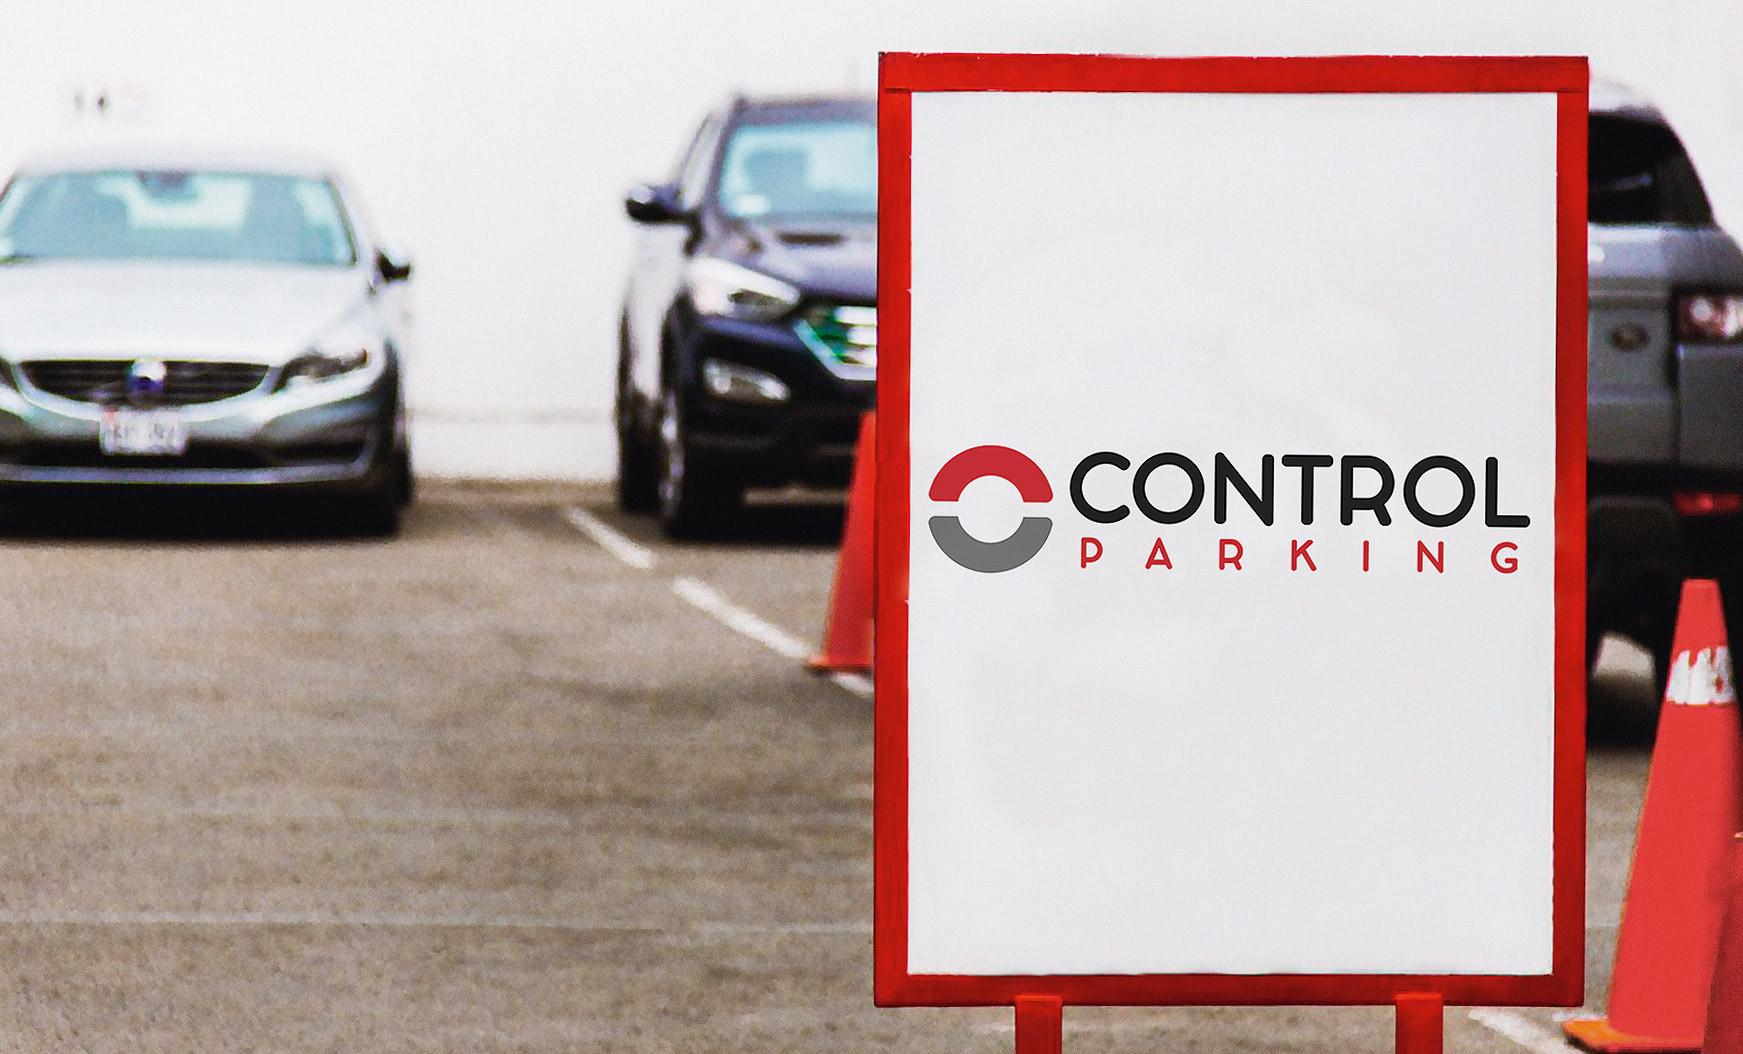 foco-en-grupo-control-duena-de-control-parking-tendra-una-linea-de-administracion-de-edificios-para-reducir-los-impactos-del-covid-19